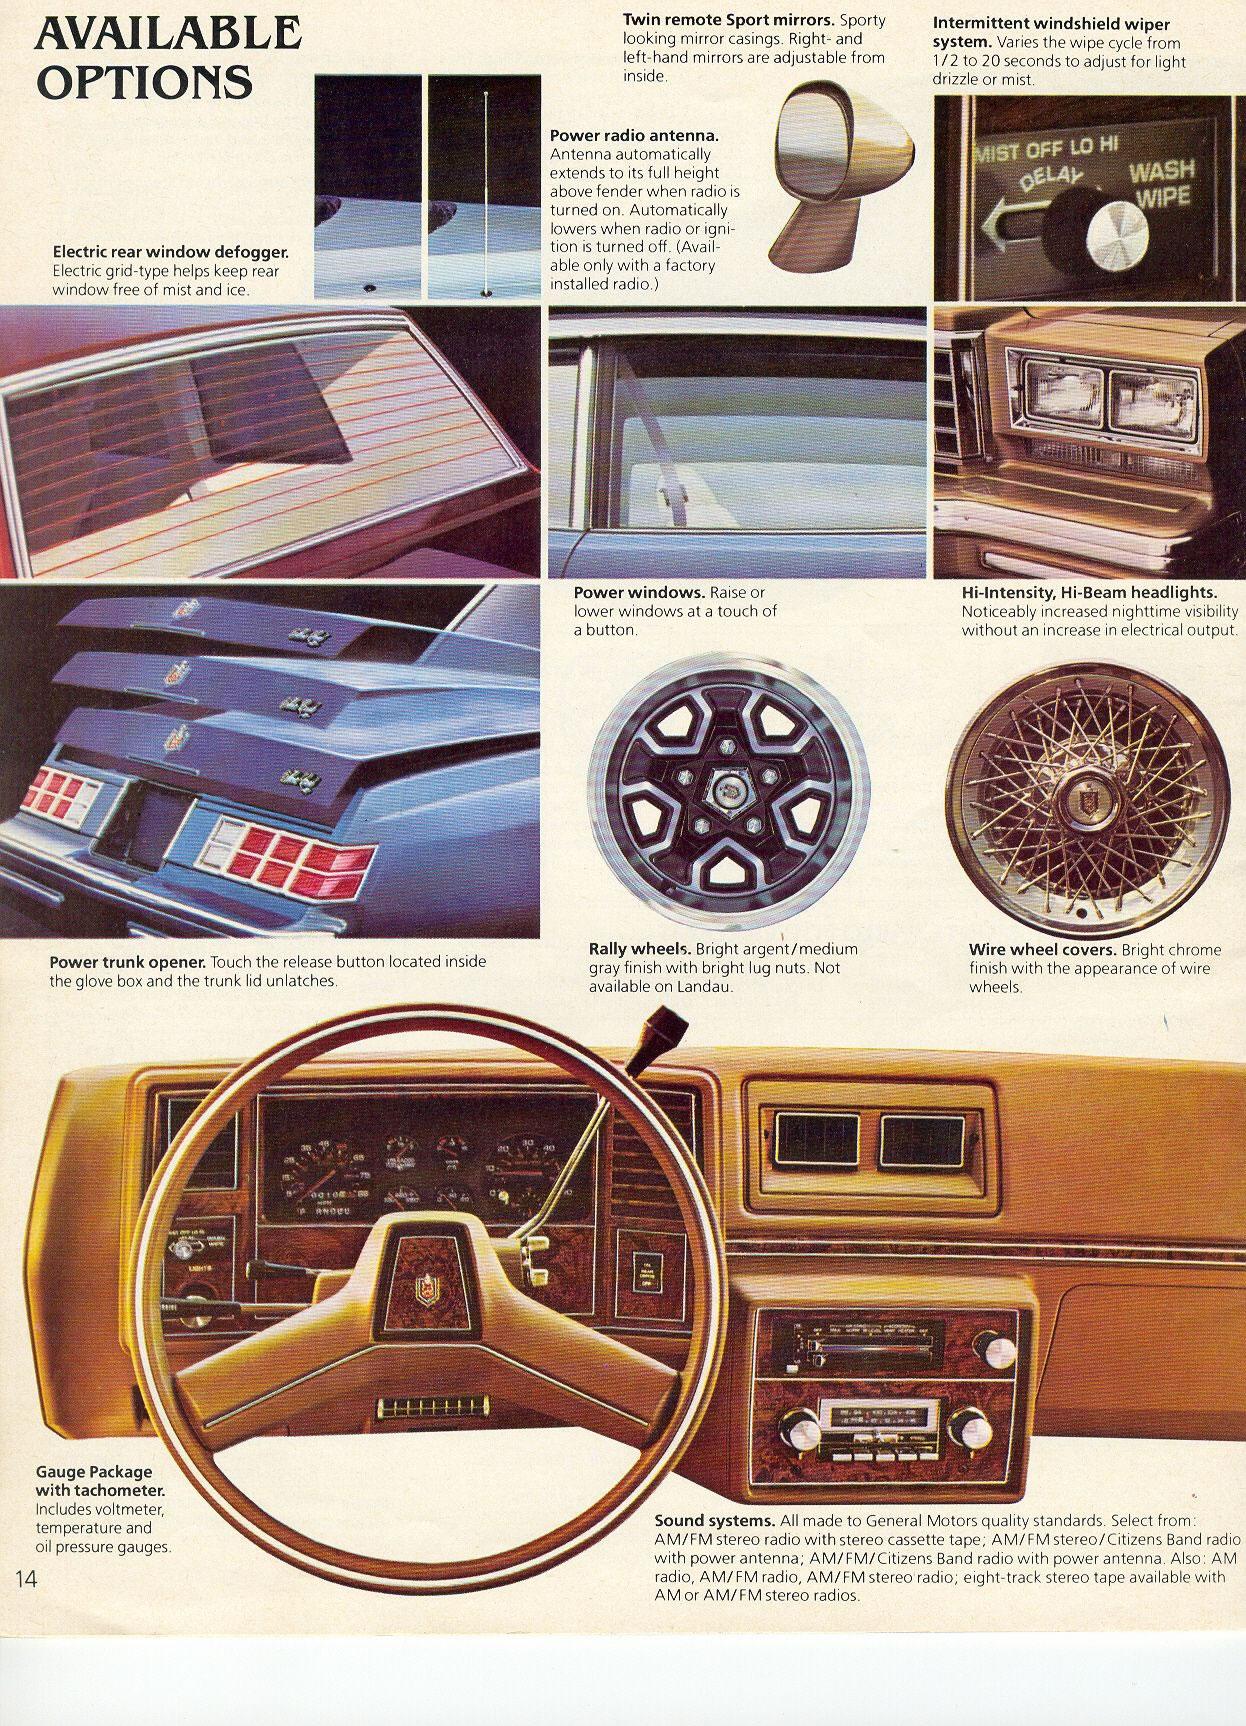 1980 Chevrolet Monte Carlo Brochure/1980_chevrolet_monte-carlo_13.jpg